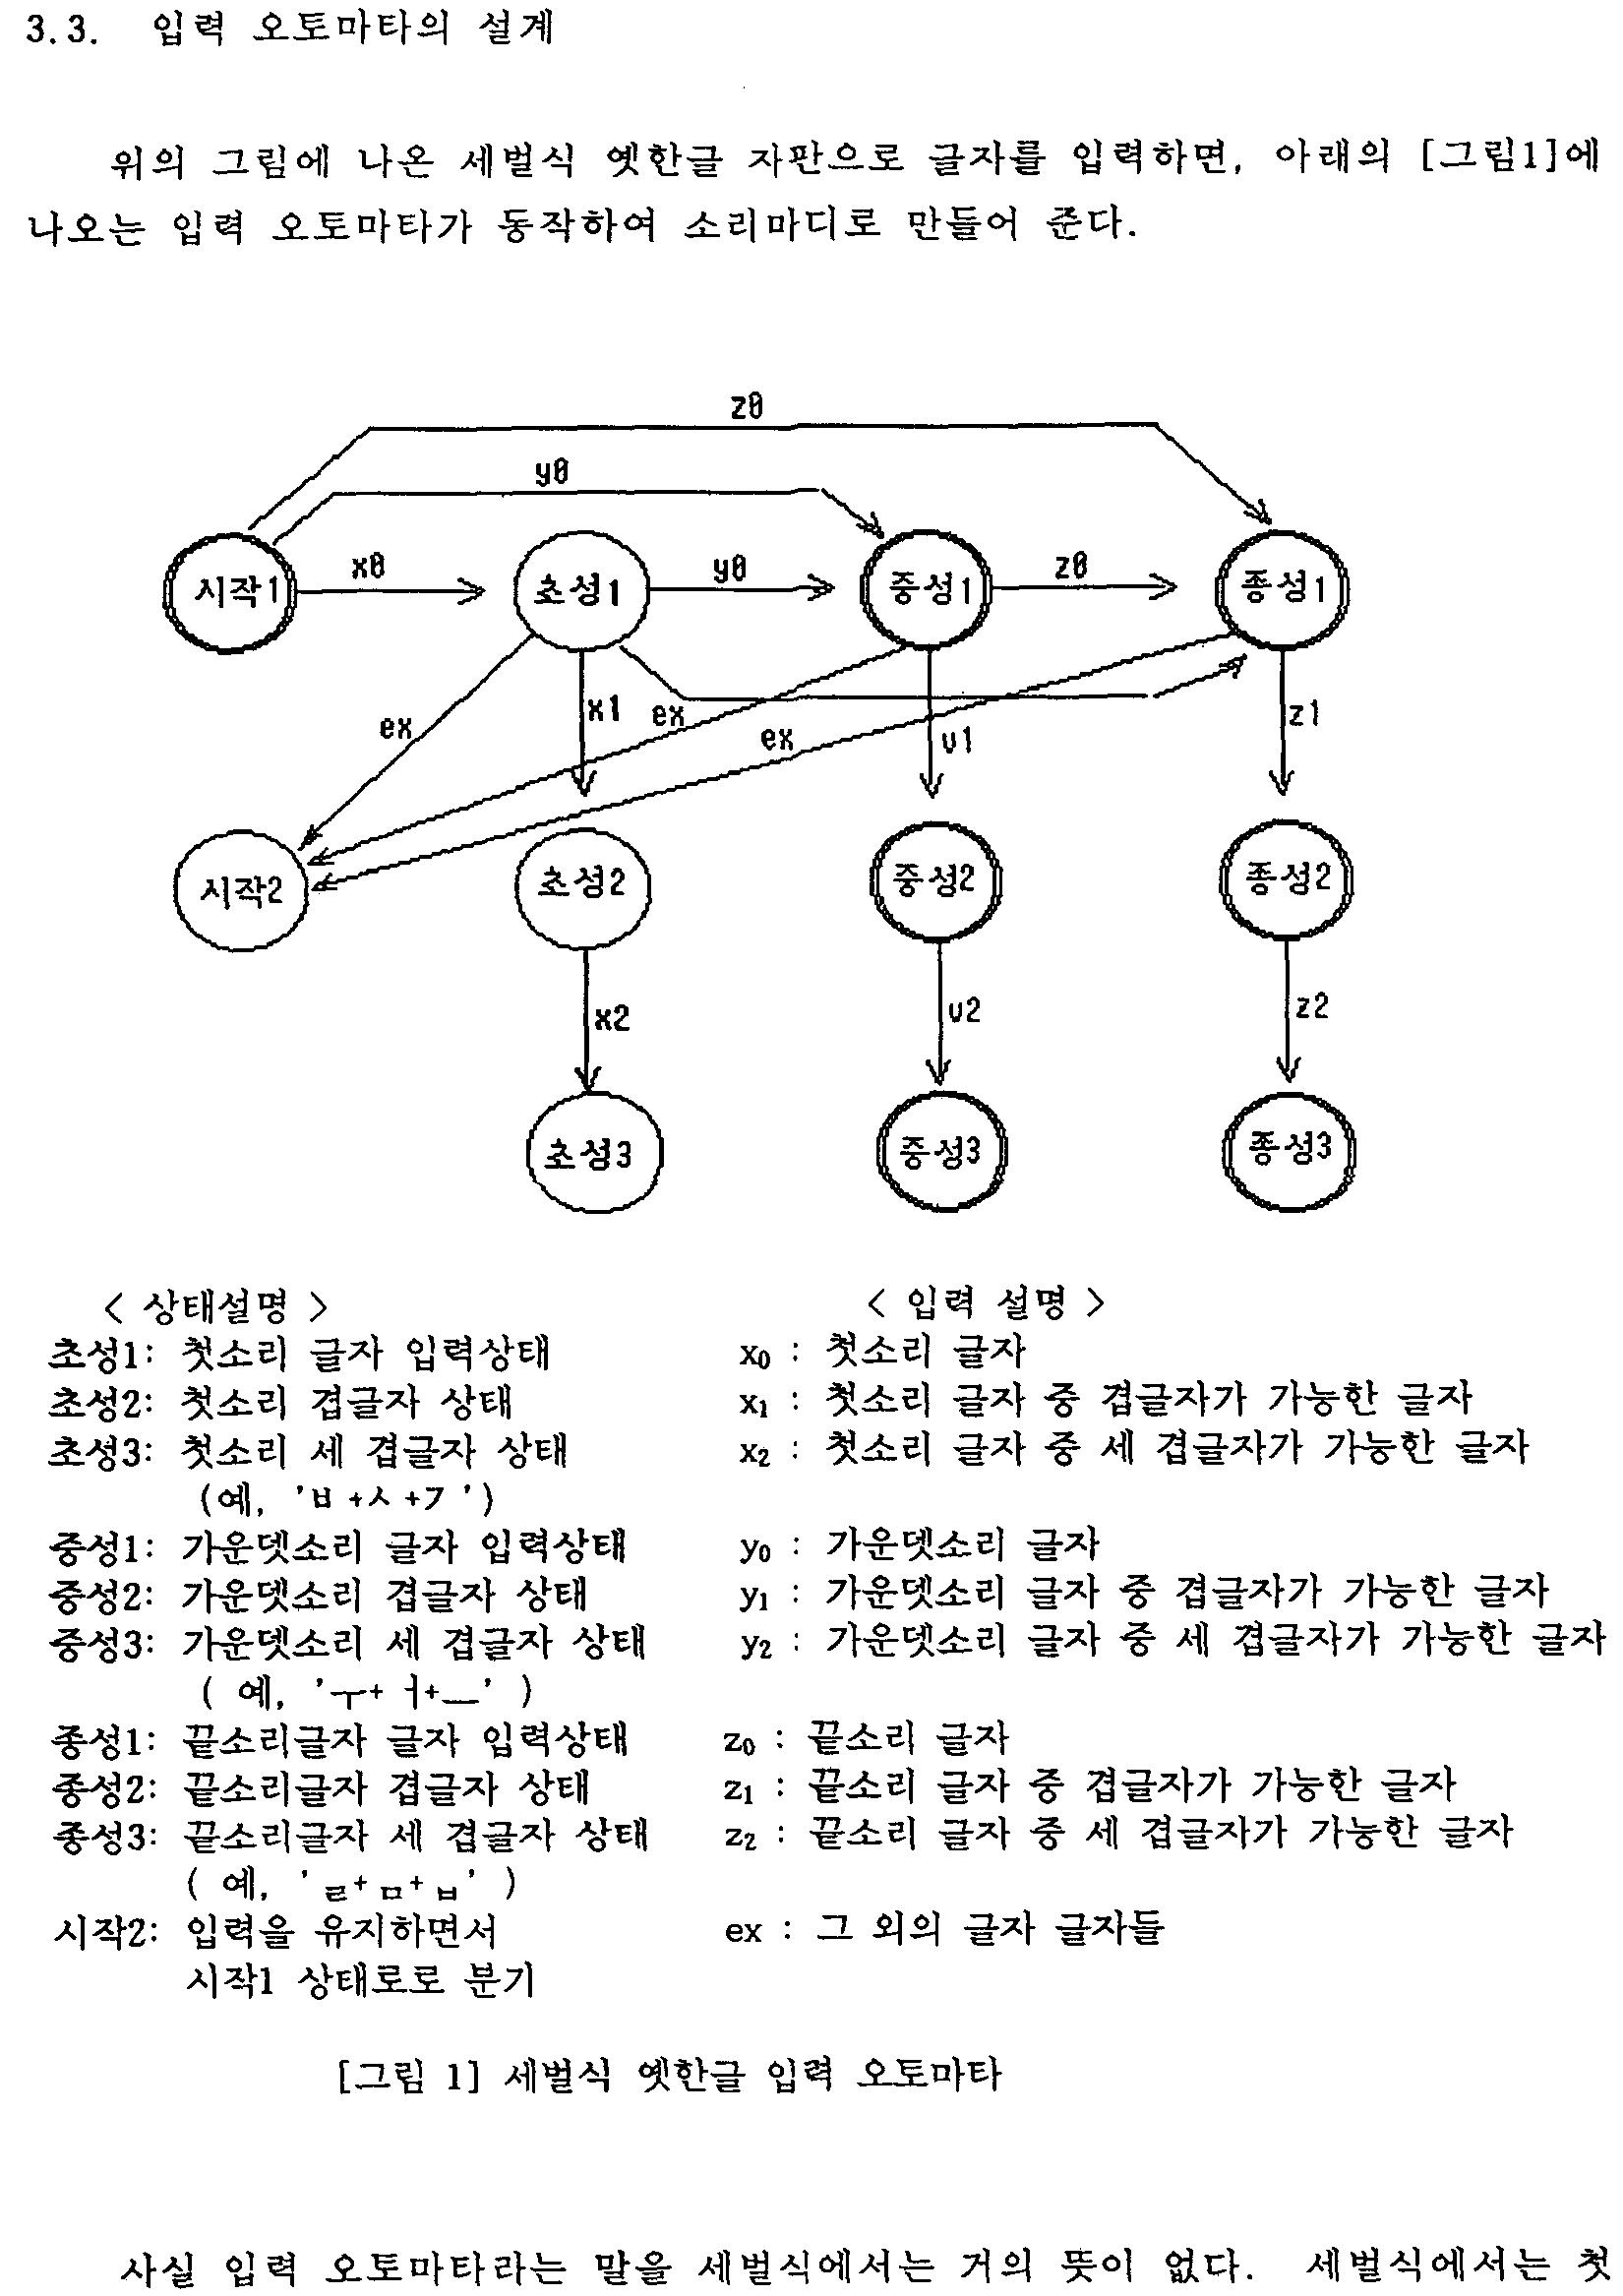 '나랏말씀'에 쓰인 세벌식 옛한글 입력 오토마타 (이중화·김경석, 1993.10.)